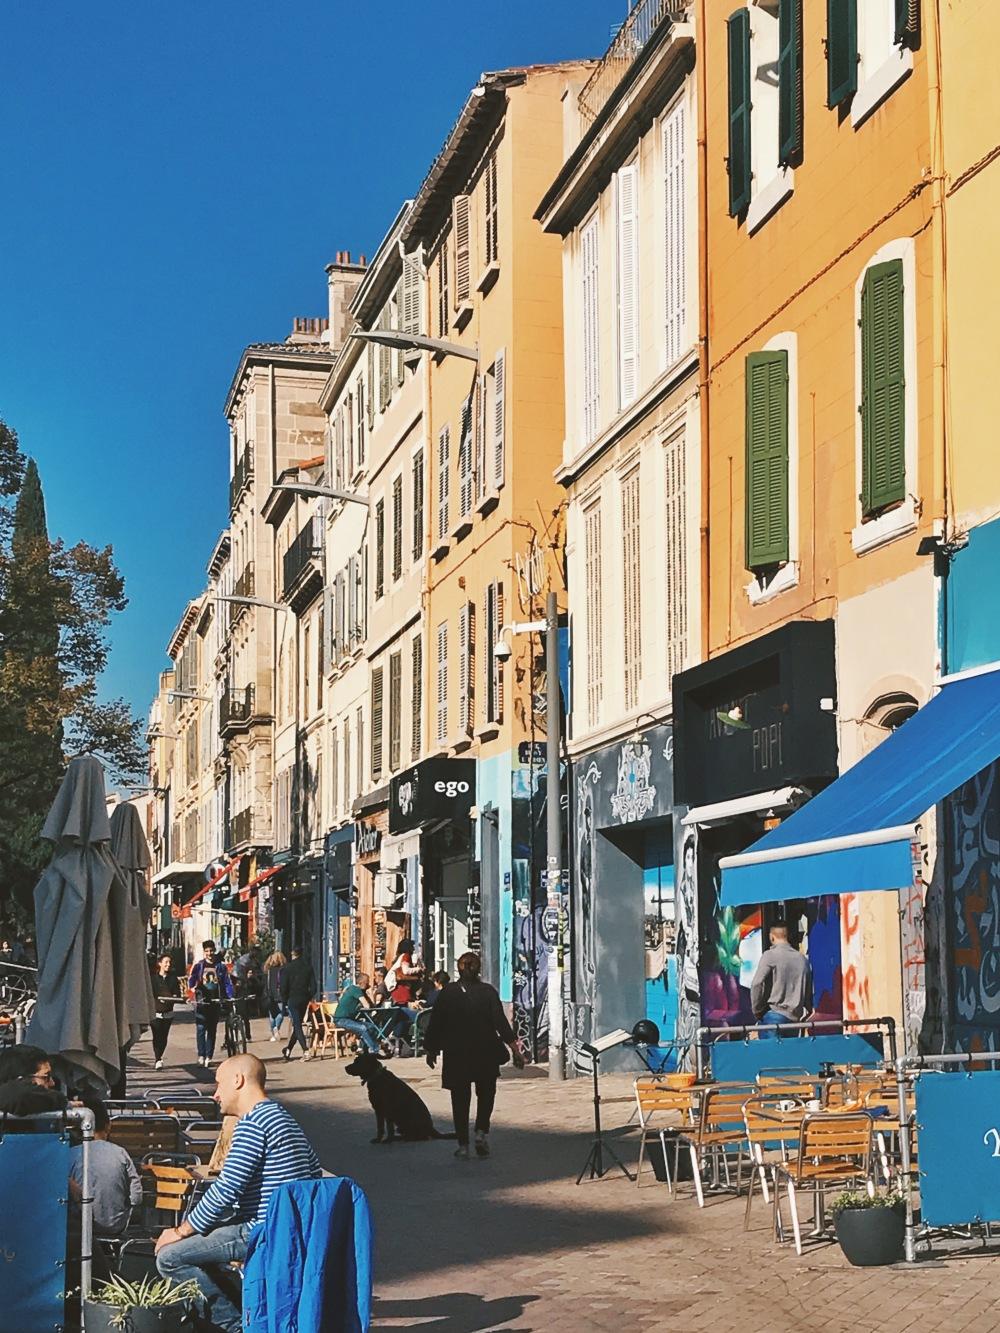 Street in Maseille